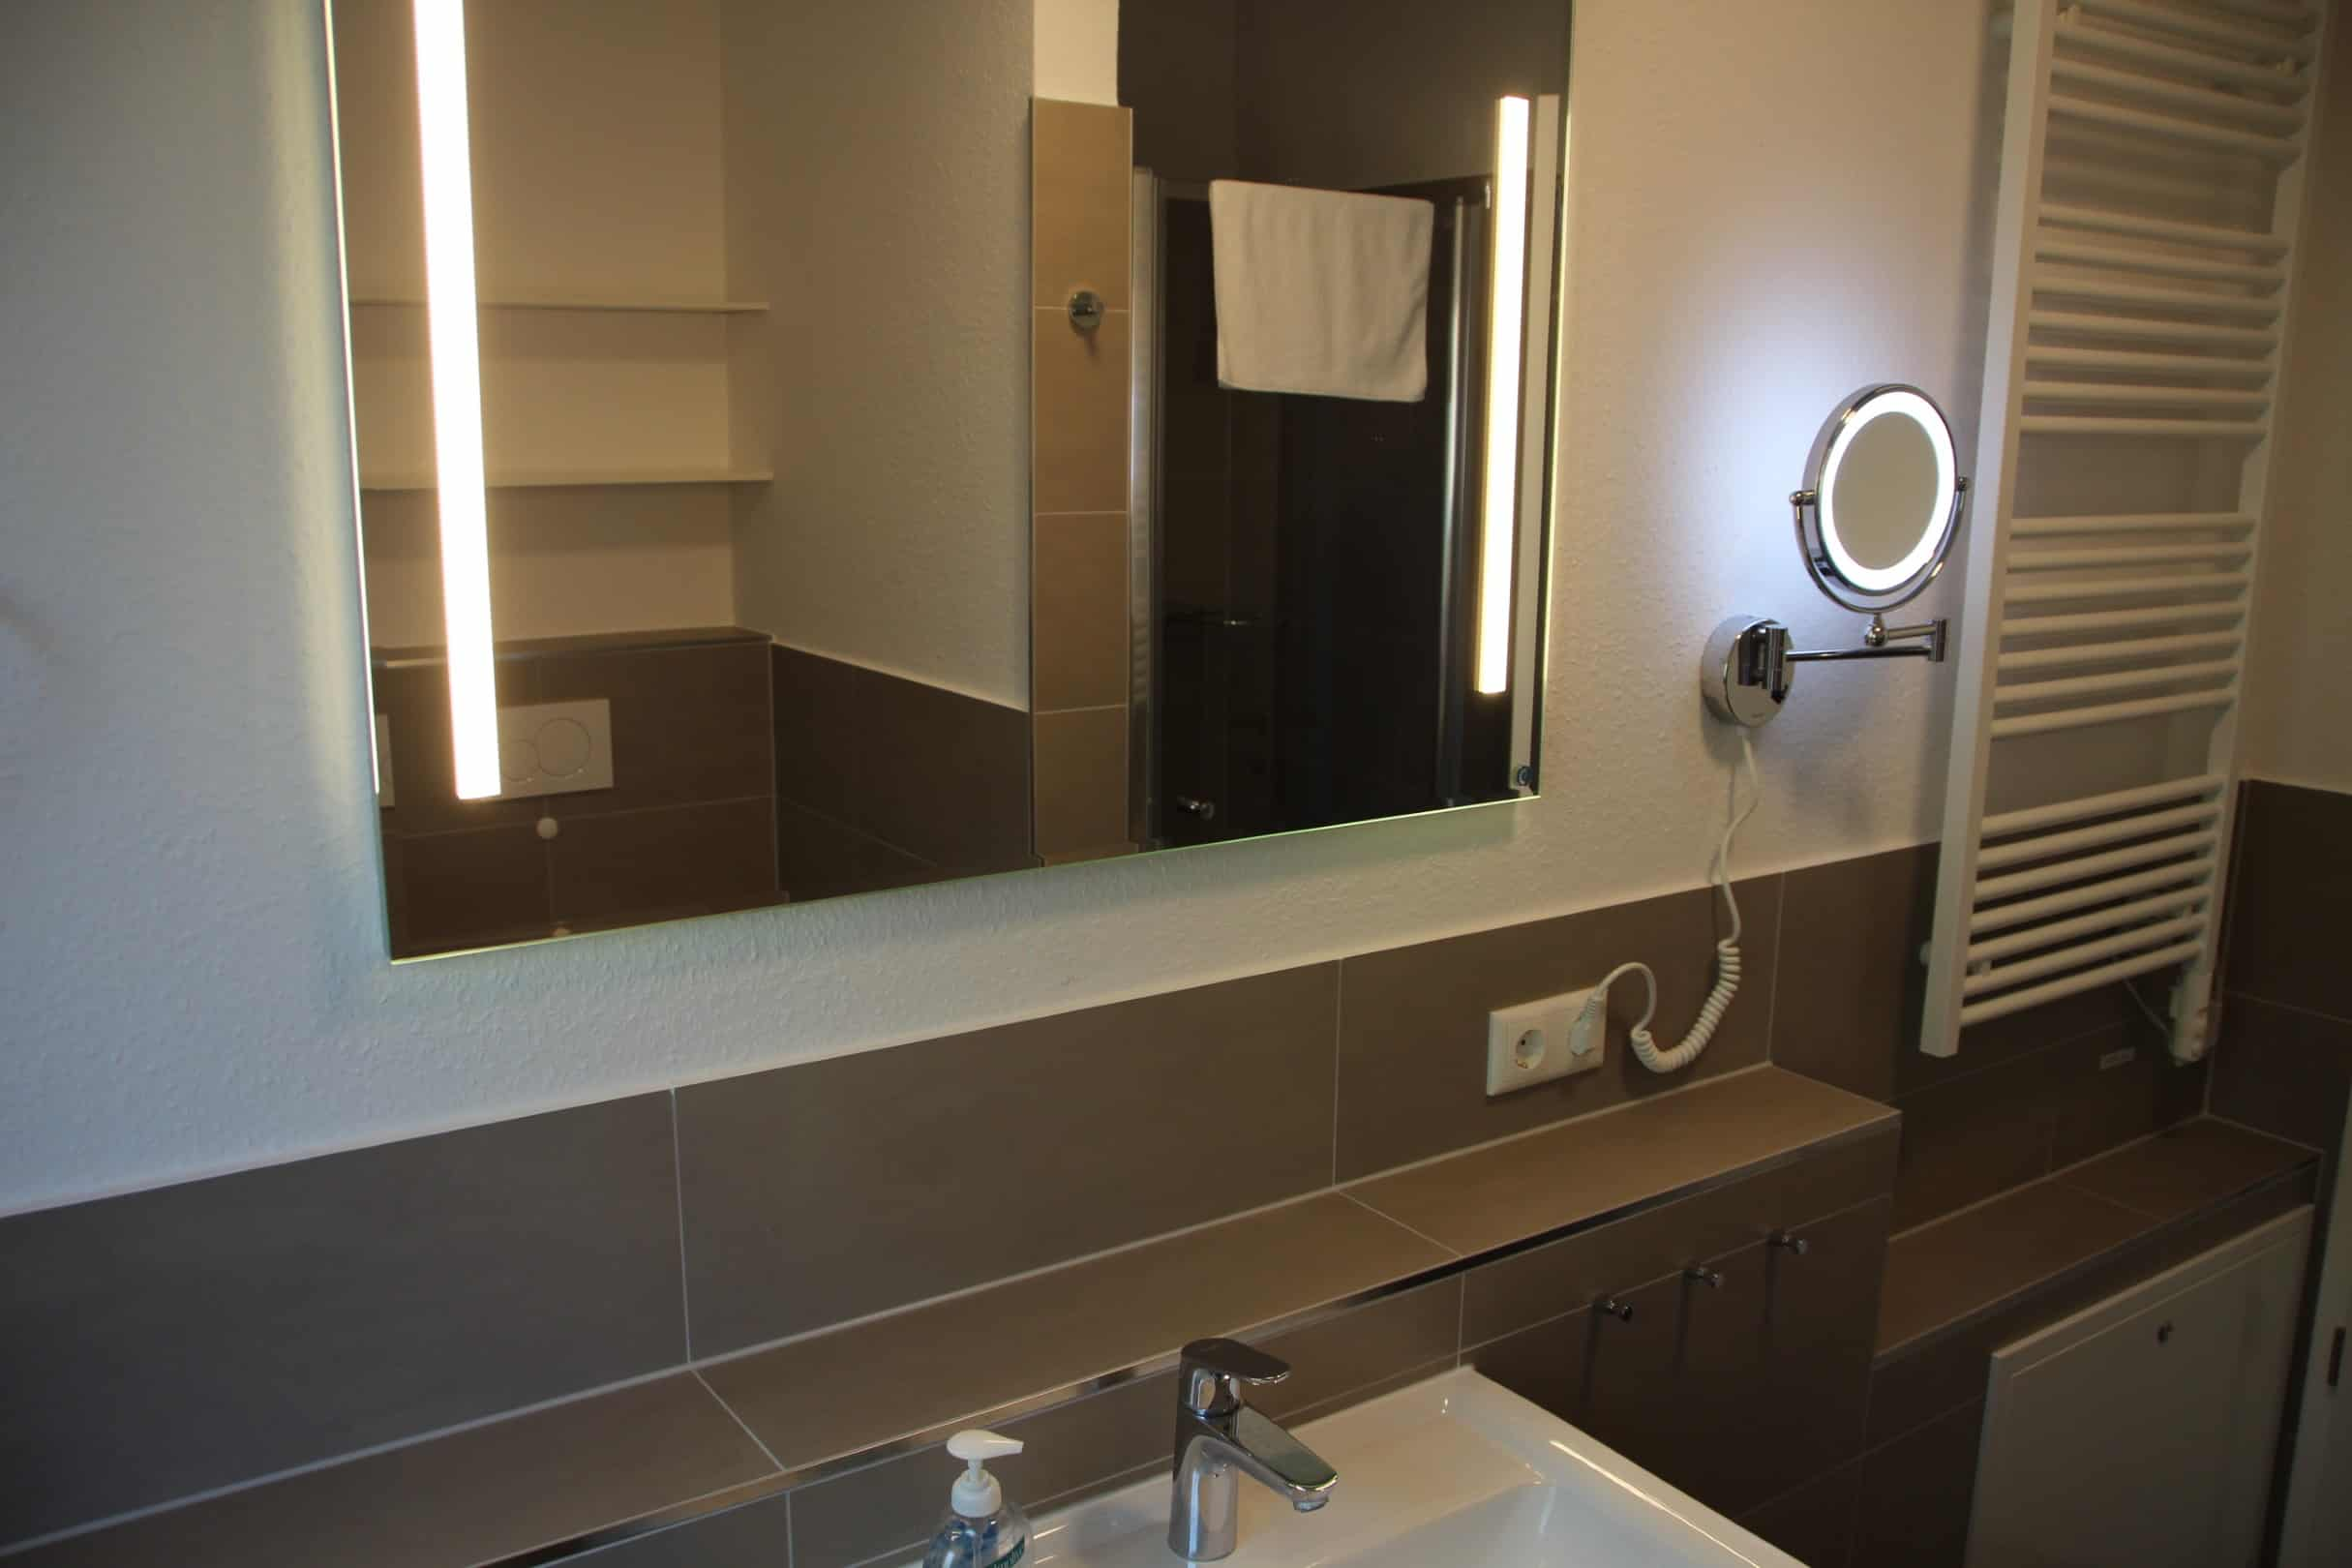 Badezimmer mit Handtuchwärmer und Kosmetikspiegel